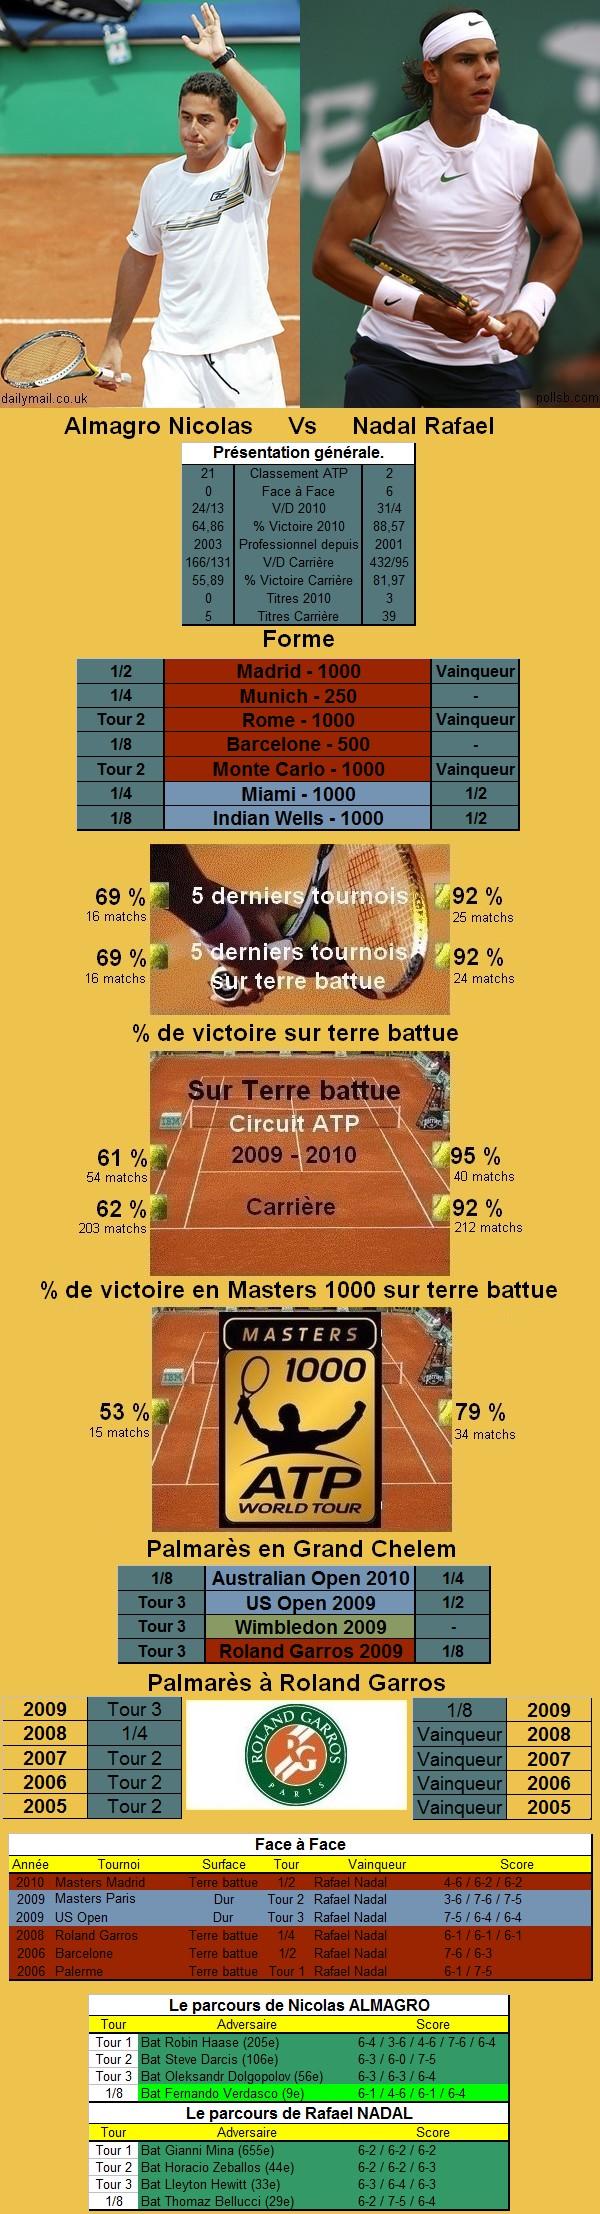 Statistiques tennis de Almagro contre Nadal à Roland Garros